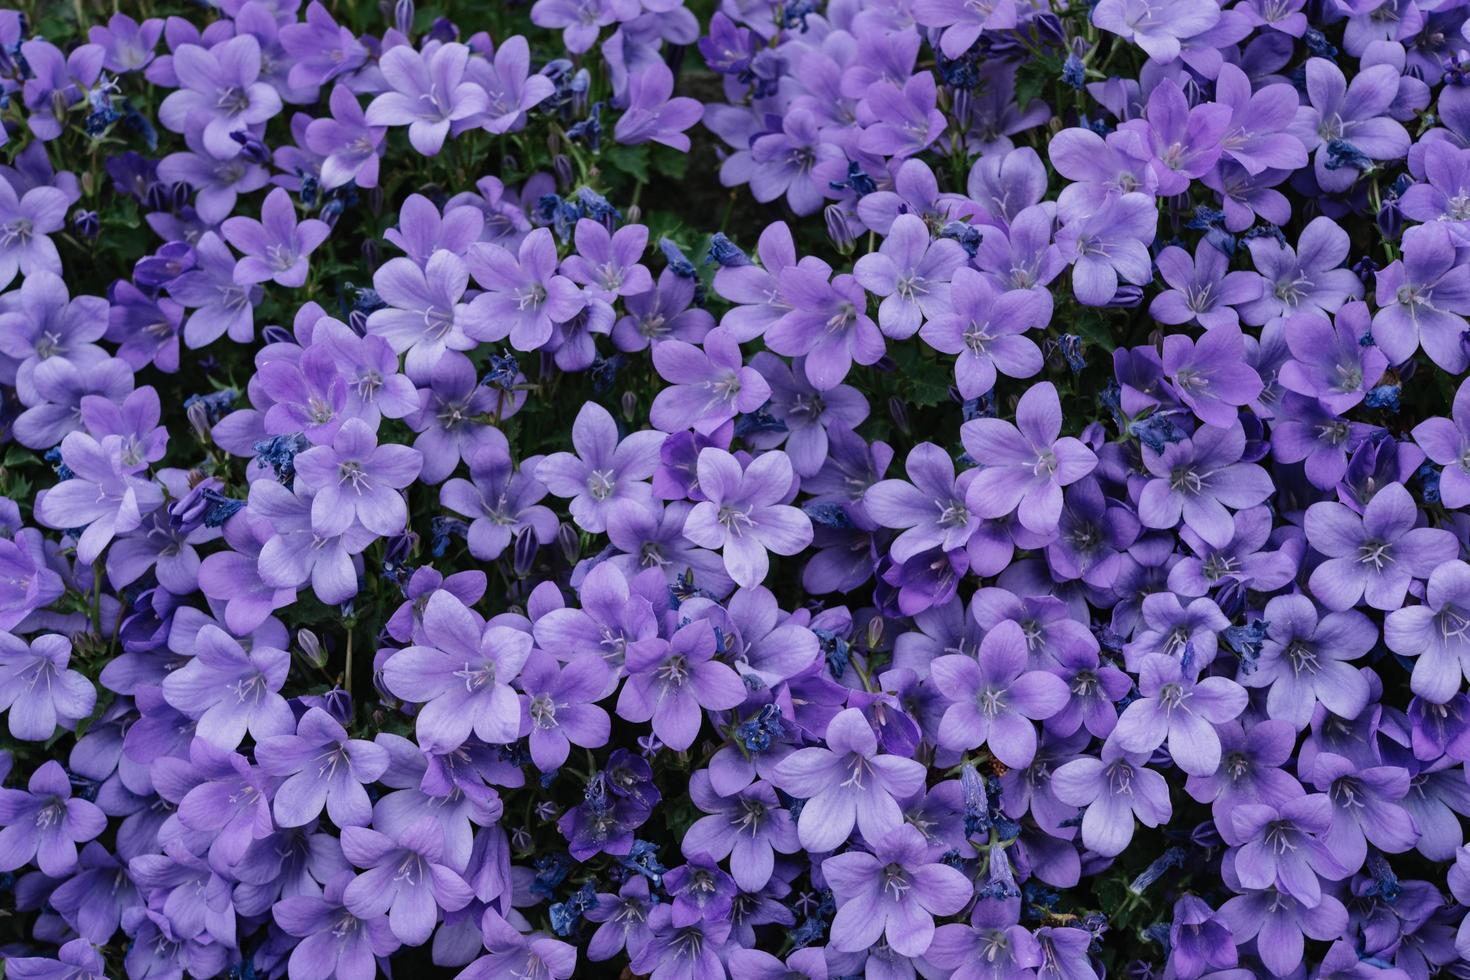 A field of purple flowers  photo